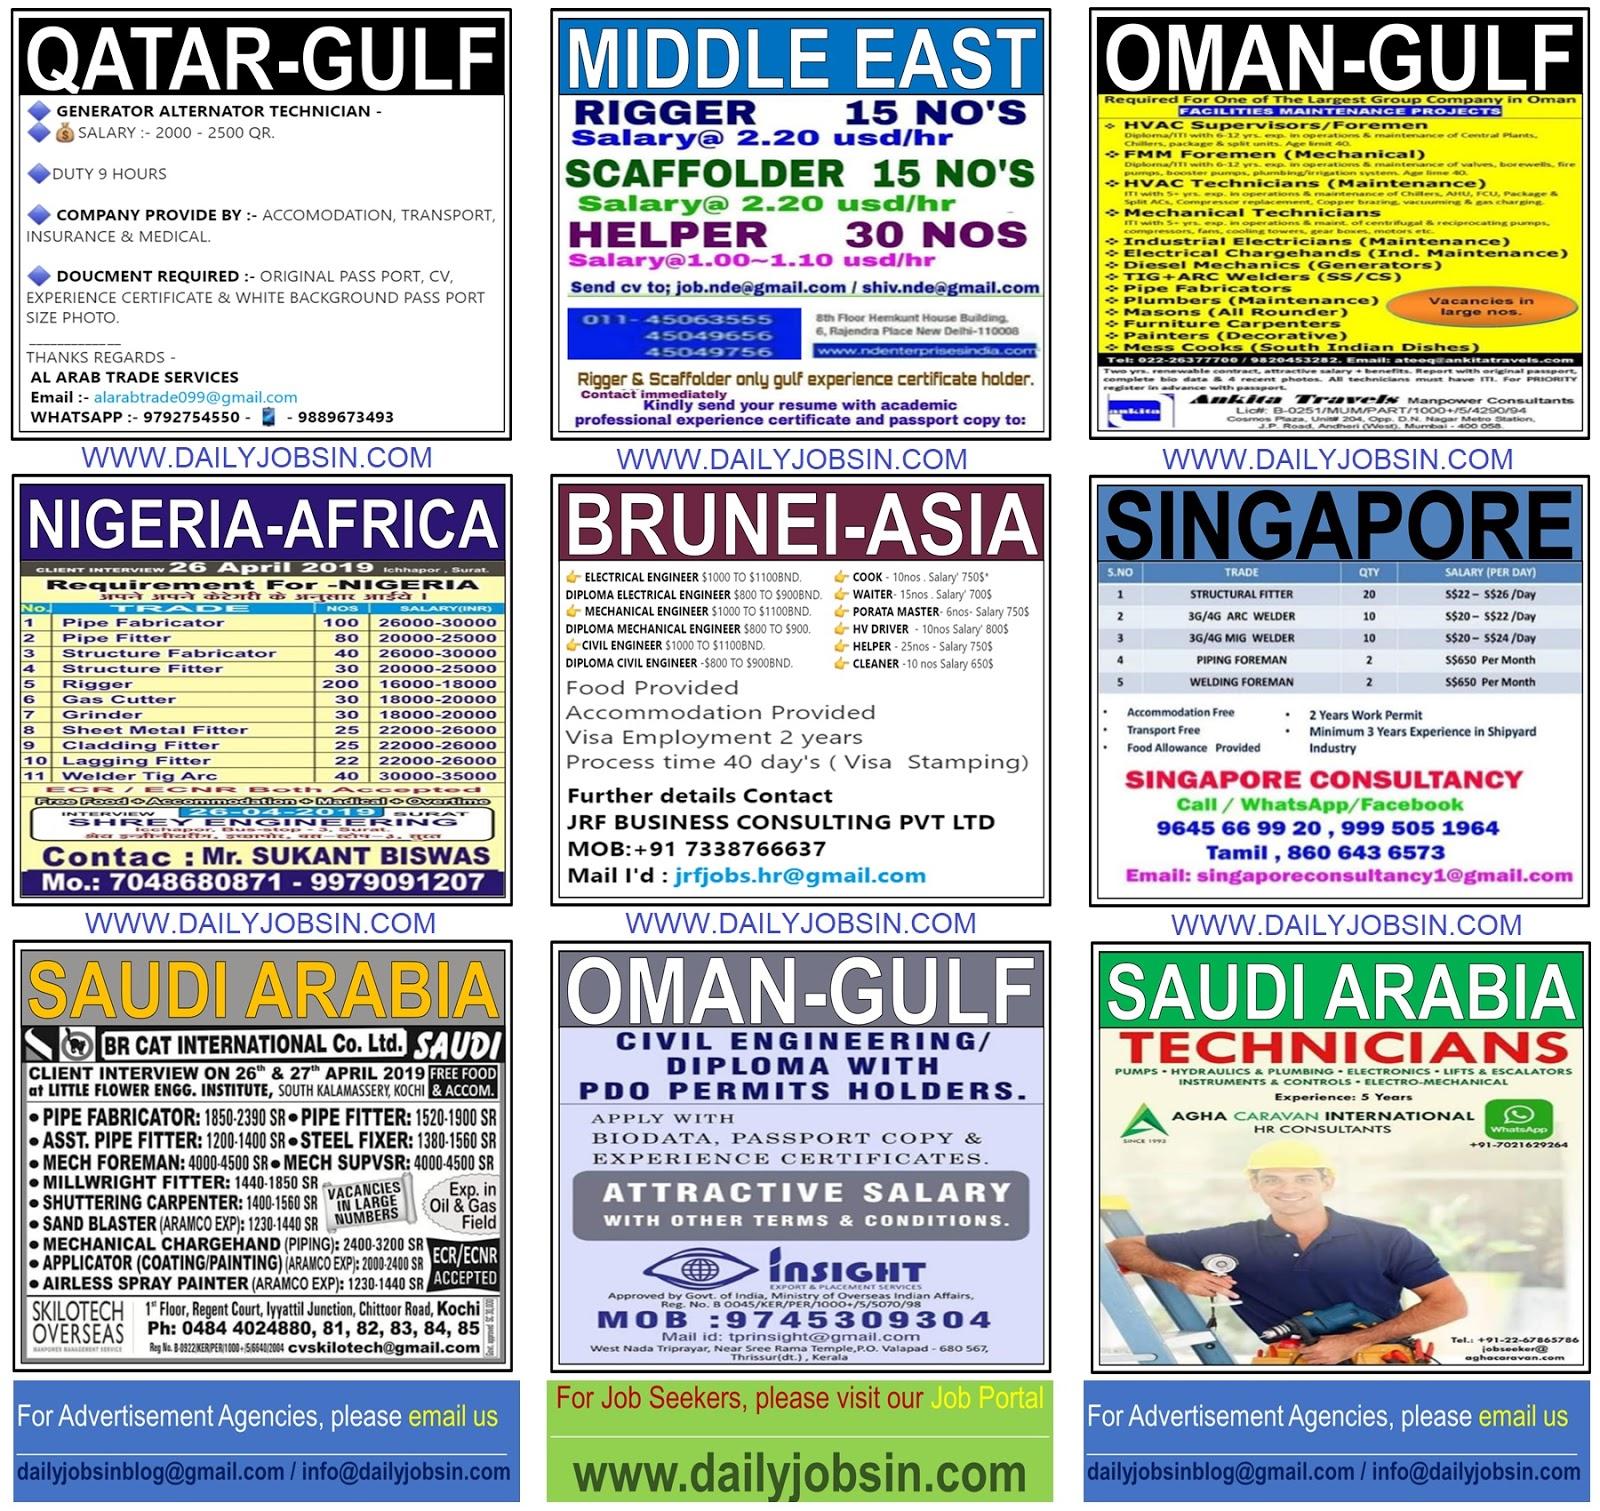 JOBS IN SINGAPORE, BRUNEI, NIGERIA-AFRICA & GULF COUNTRIES